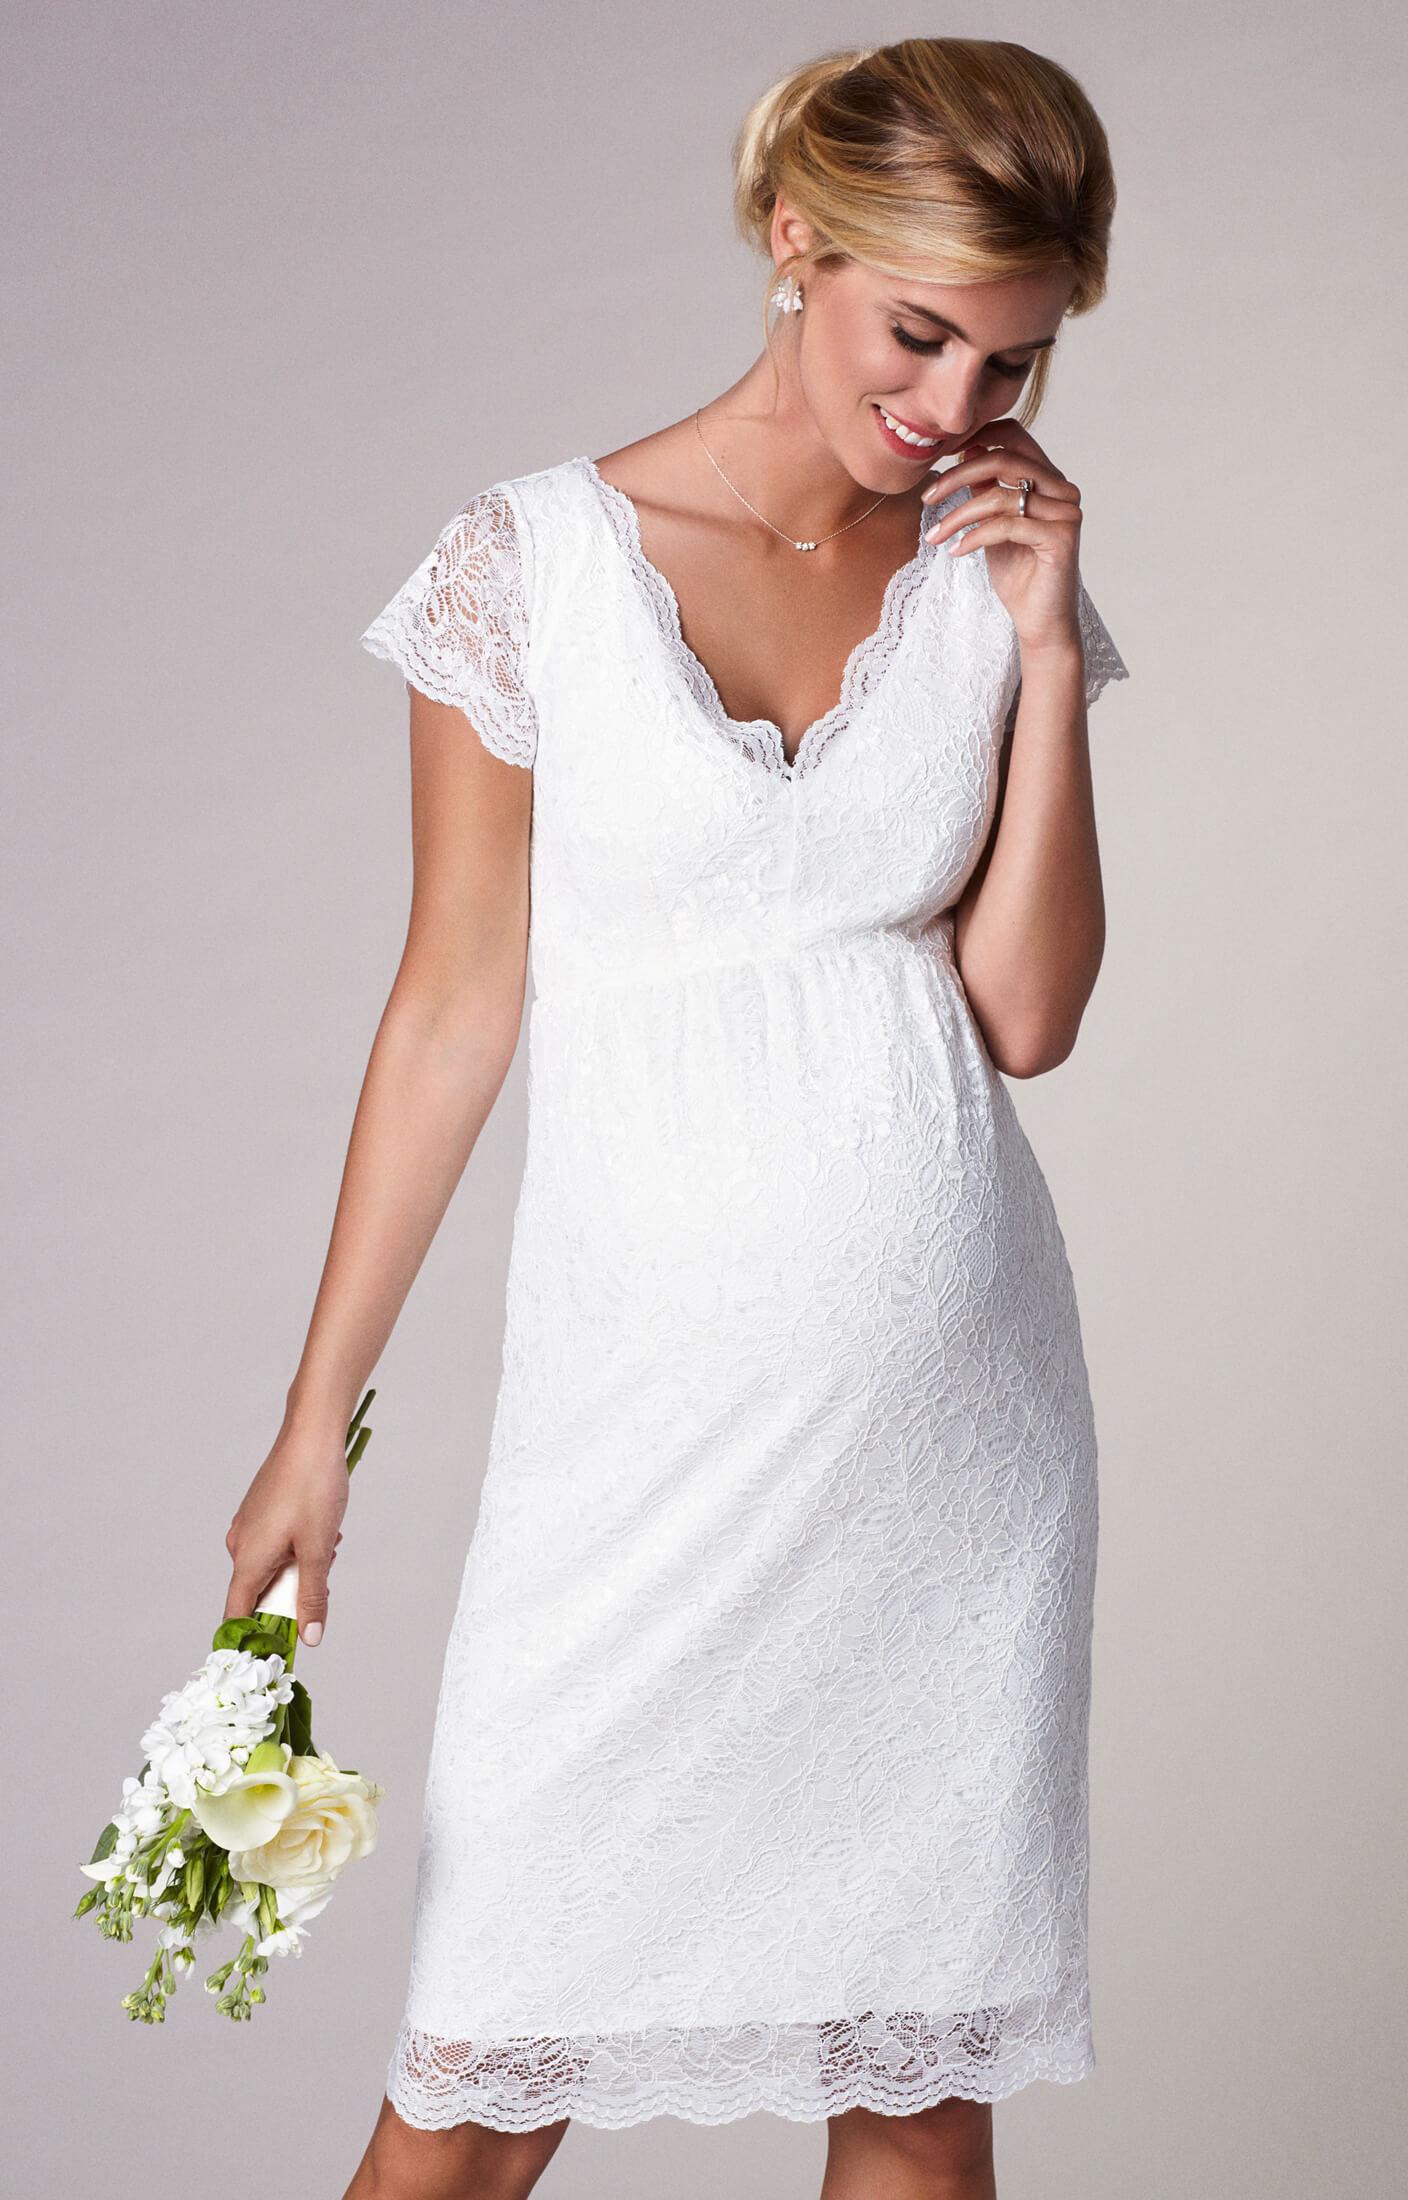 robe de mari e maternit en dentelle ivoire robes de